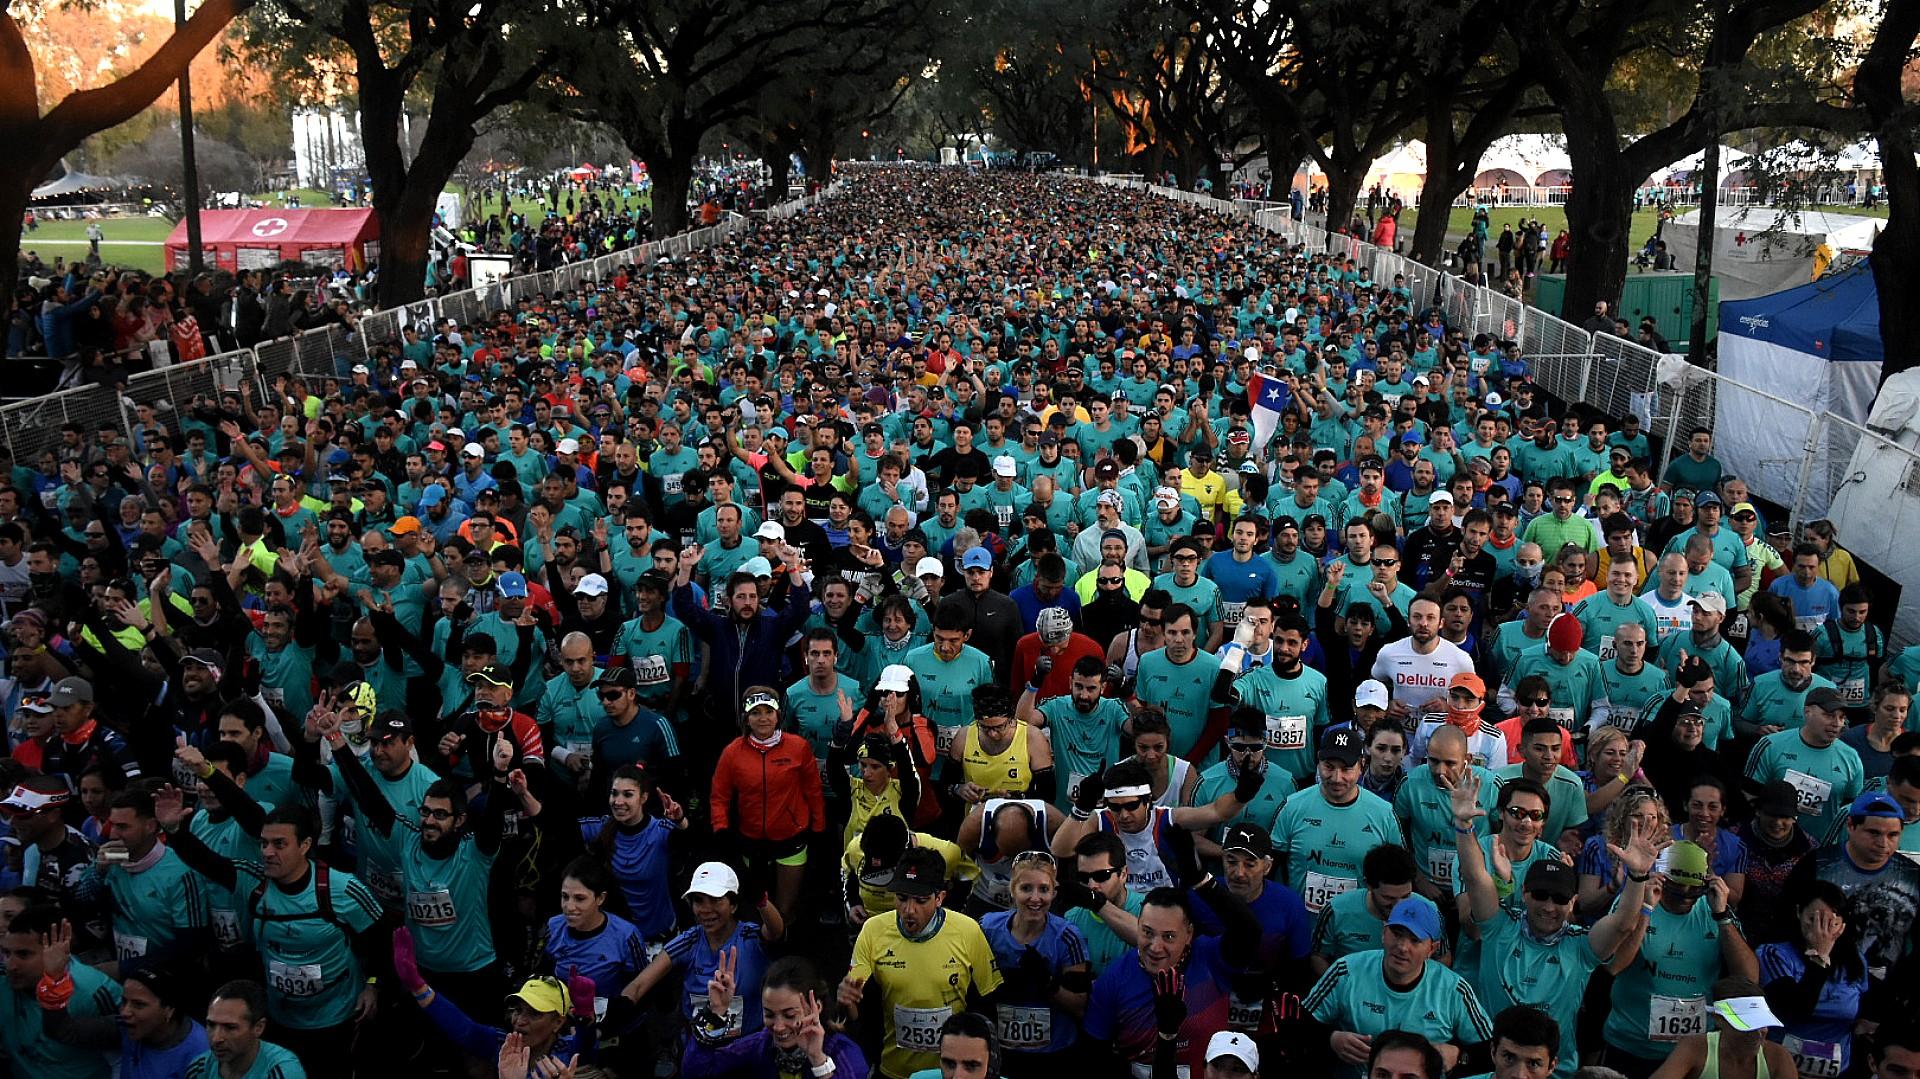 Más de 20 mil corredores -7 mil de otros países- se reúnen en Figueroa Alcorta y Monroe, en el barrio de Belgrano, para la 21K de Buenos Aires